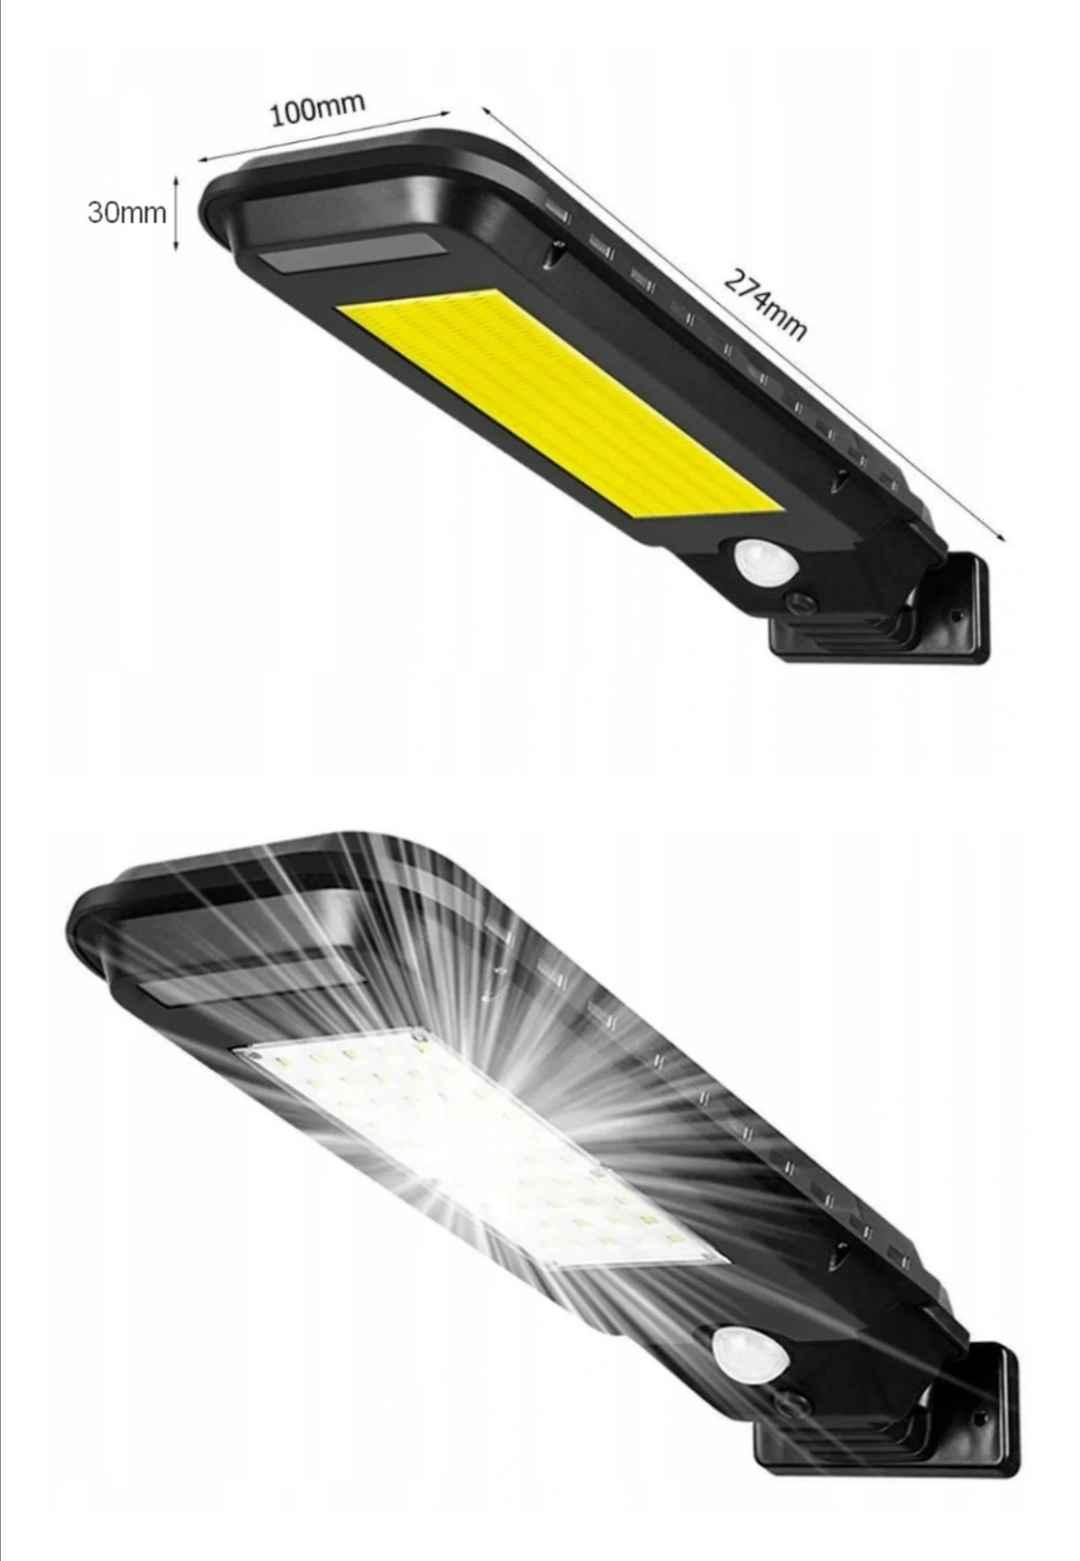 Lampy Solarne uliczne duze i male Konin - zdjęcie 10